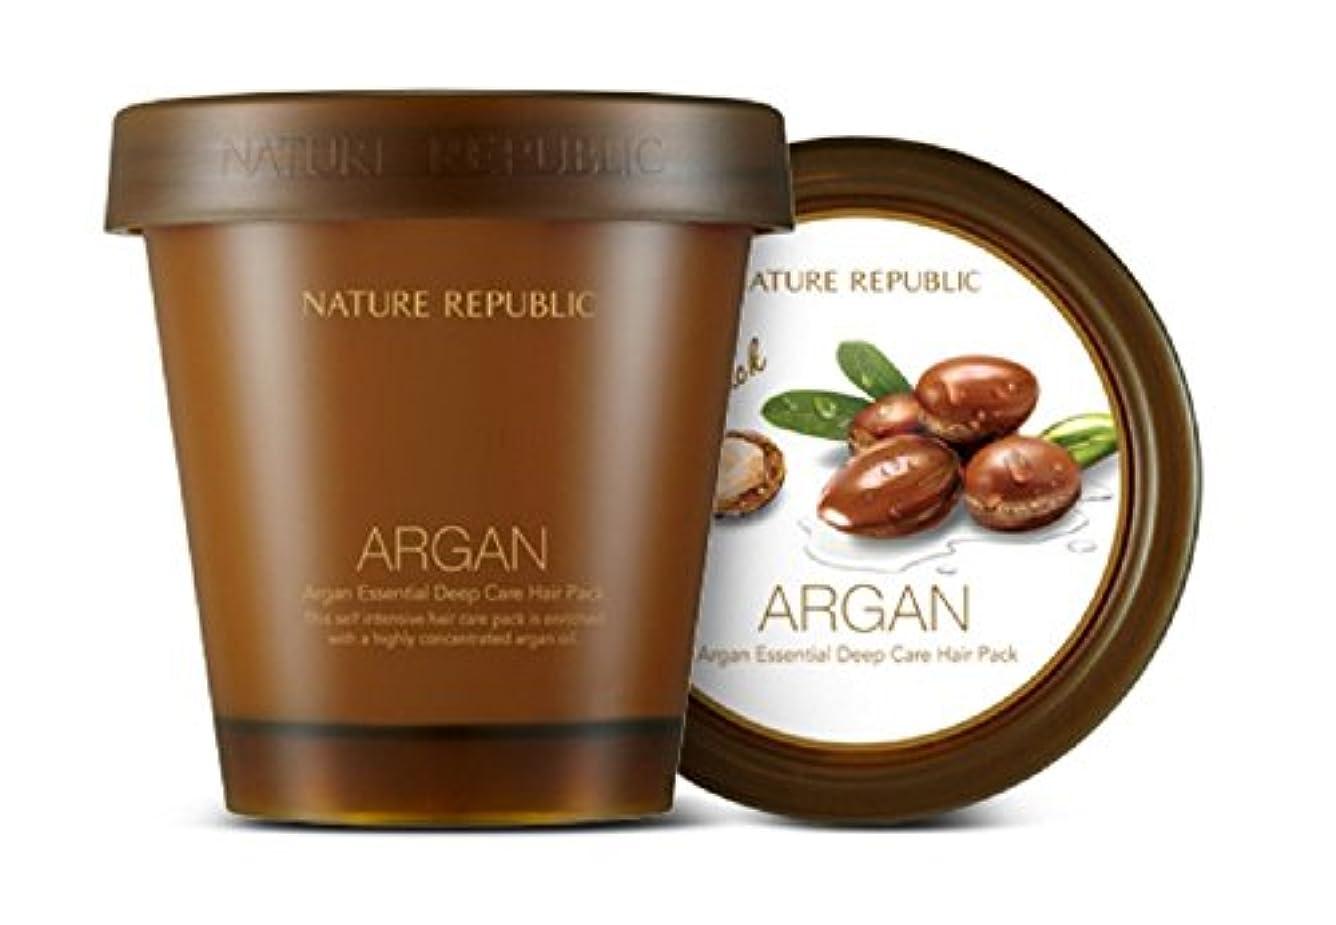 コントローラペインティングご意見【Nature Republic】アルガンエッセンシャルディープケアヘアパック(200ml)ARGAN ESSENTIAL Deep Care Hair Pack